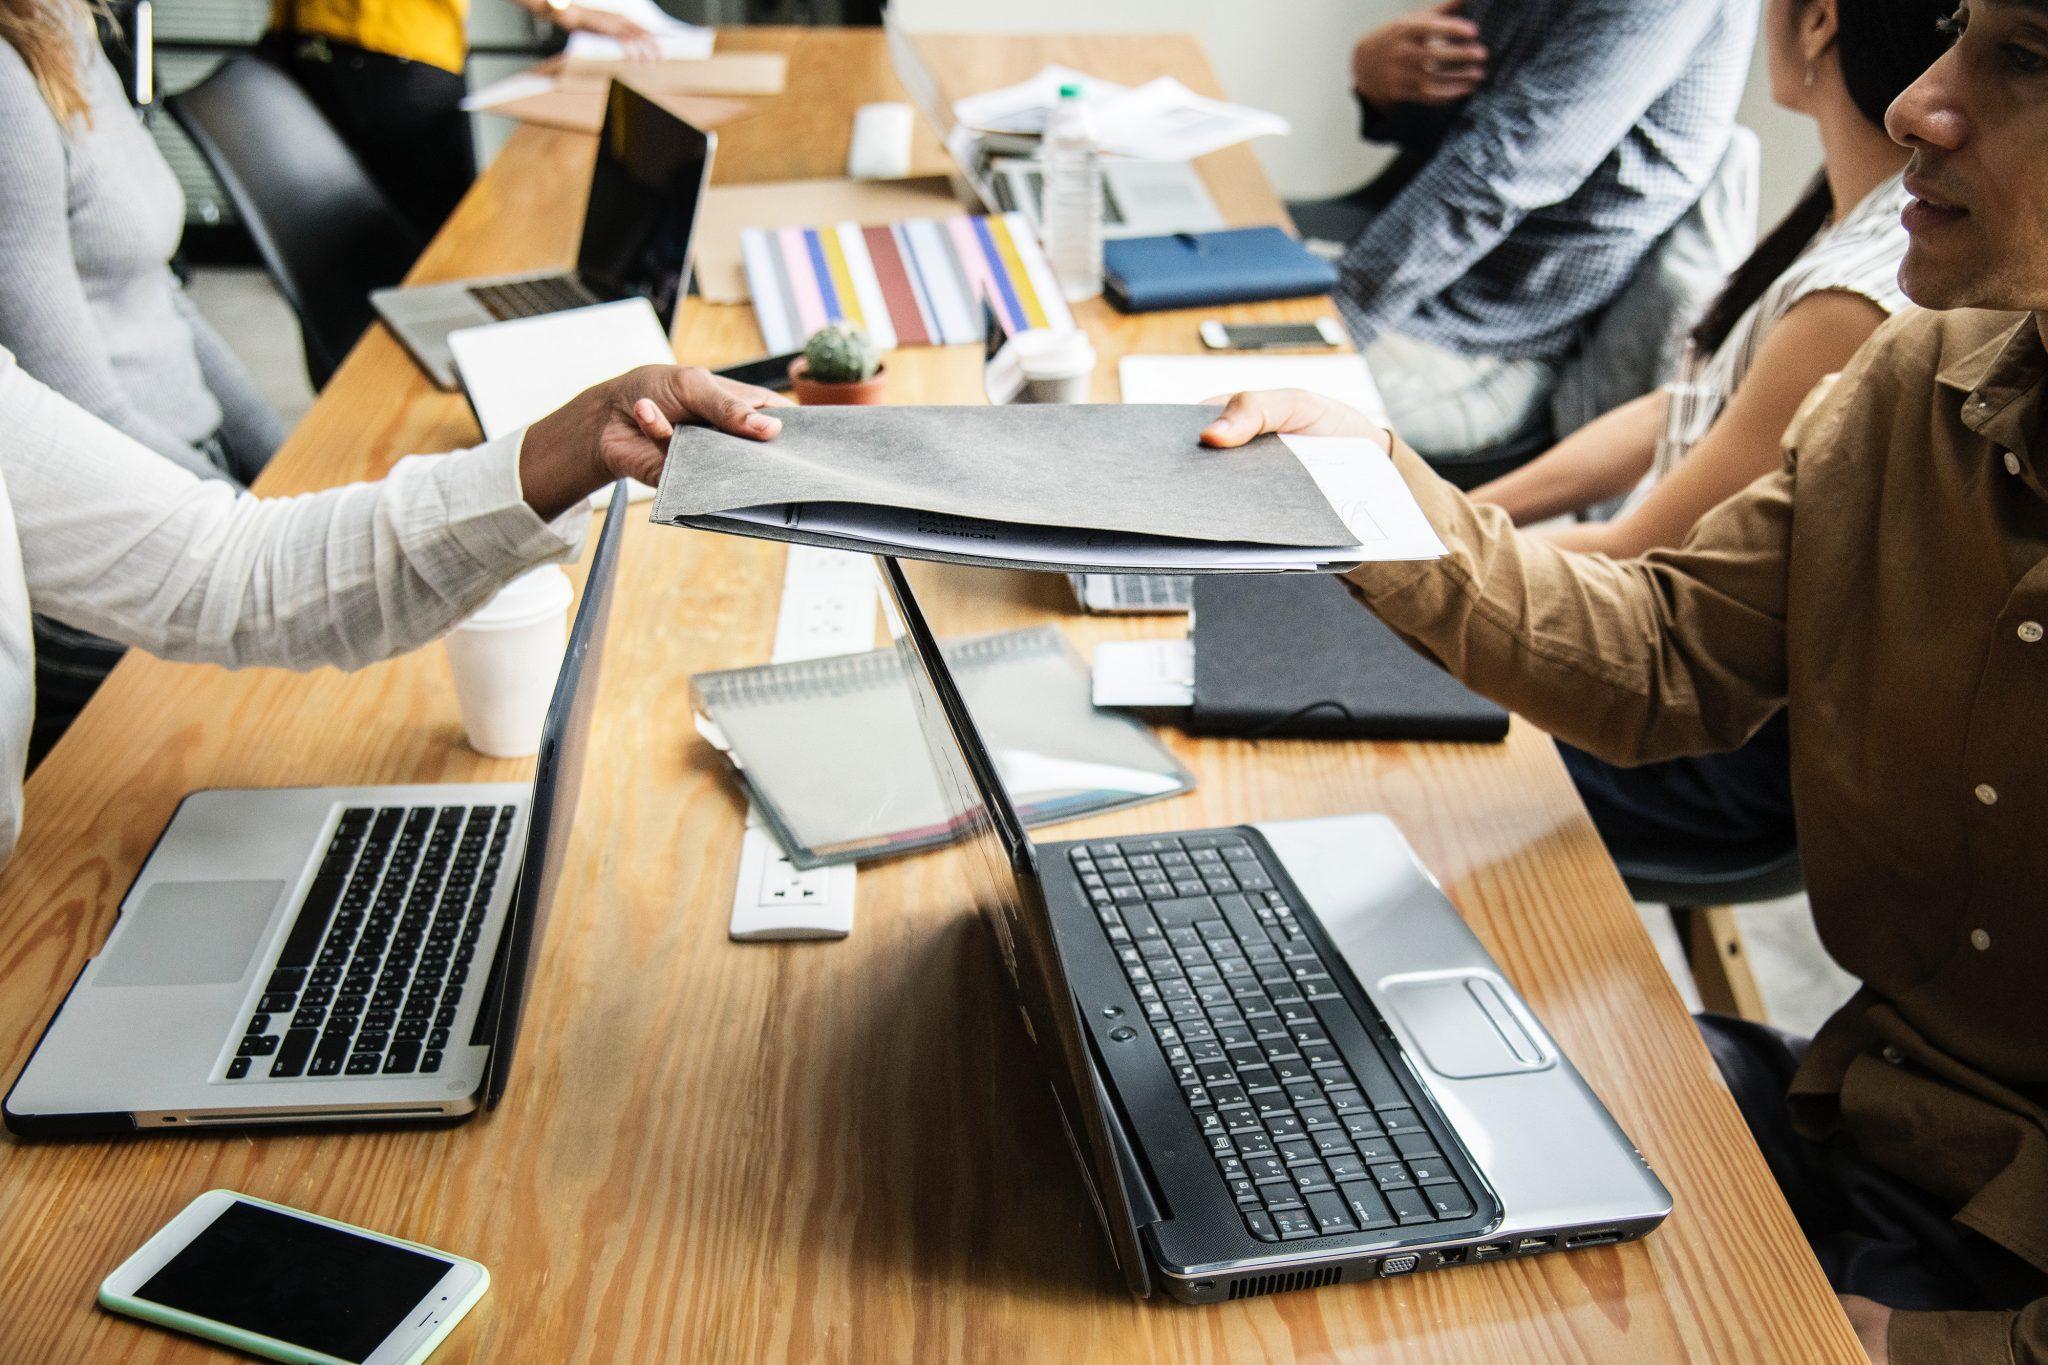 Los empleos de tecnología más demandados en 2019